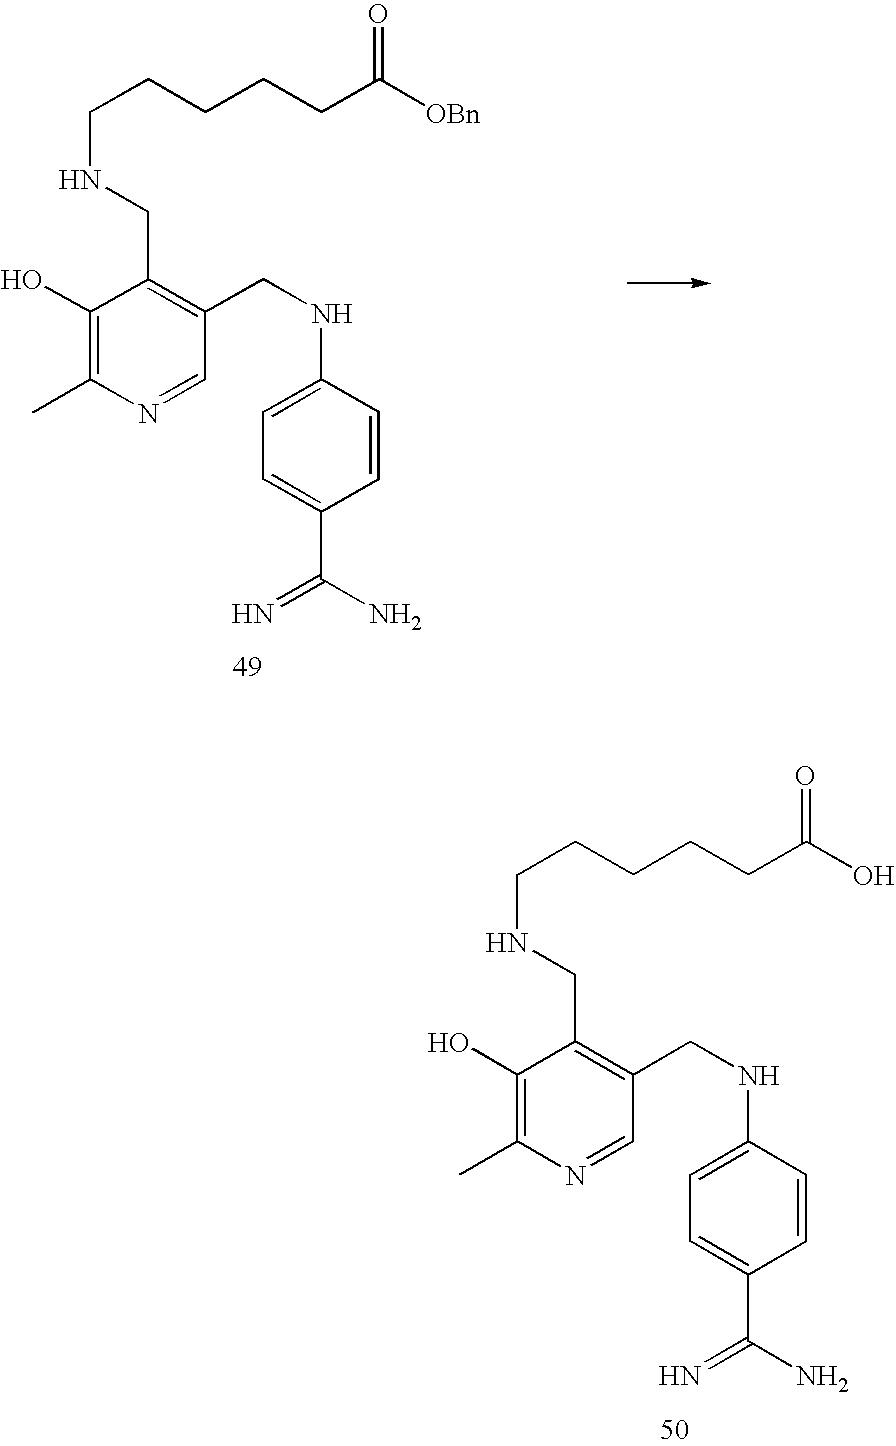 Figure US20060094761A1-20060504-C00079